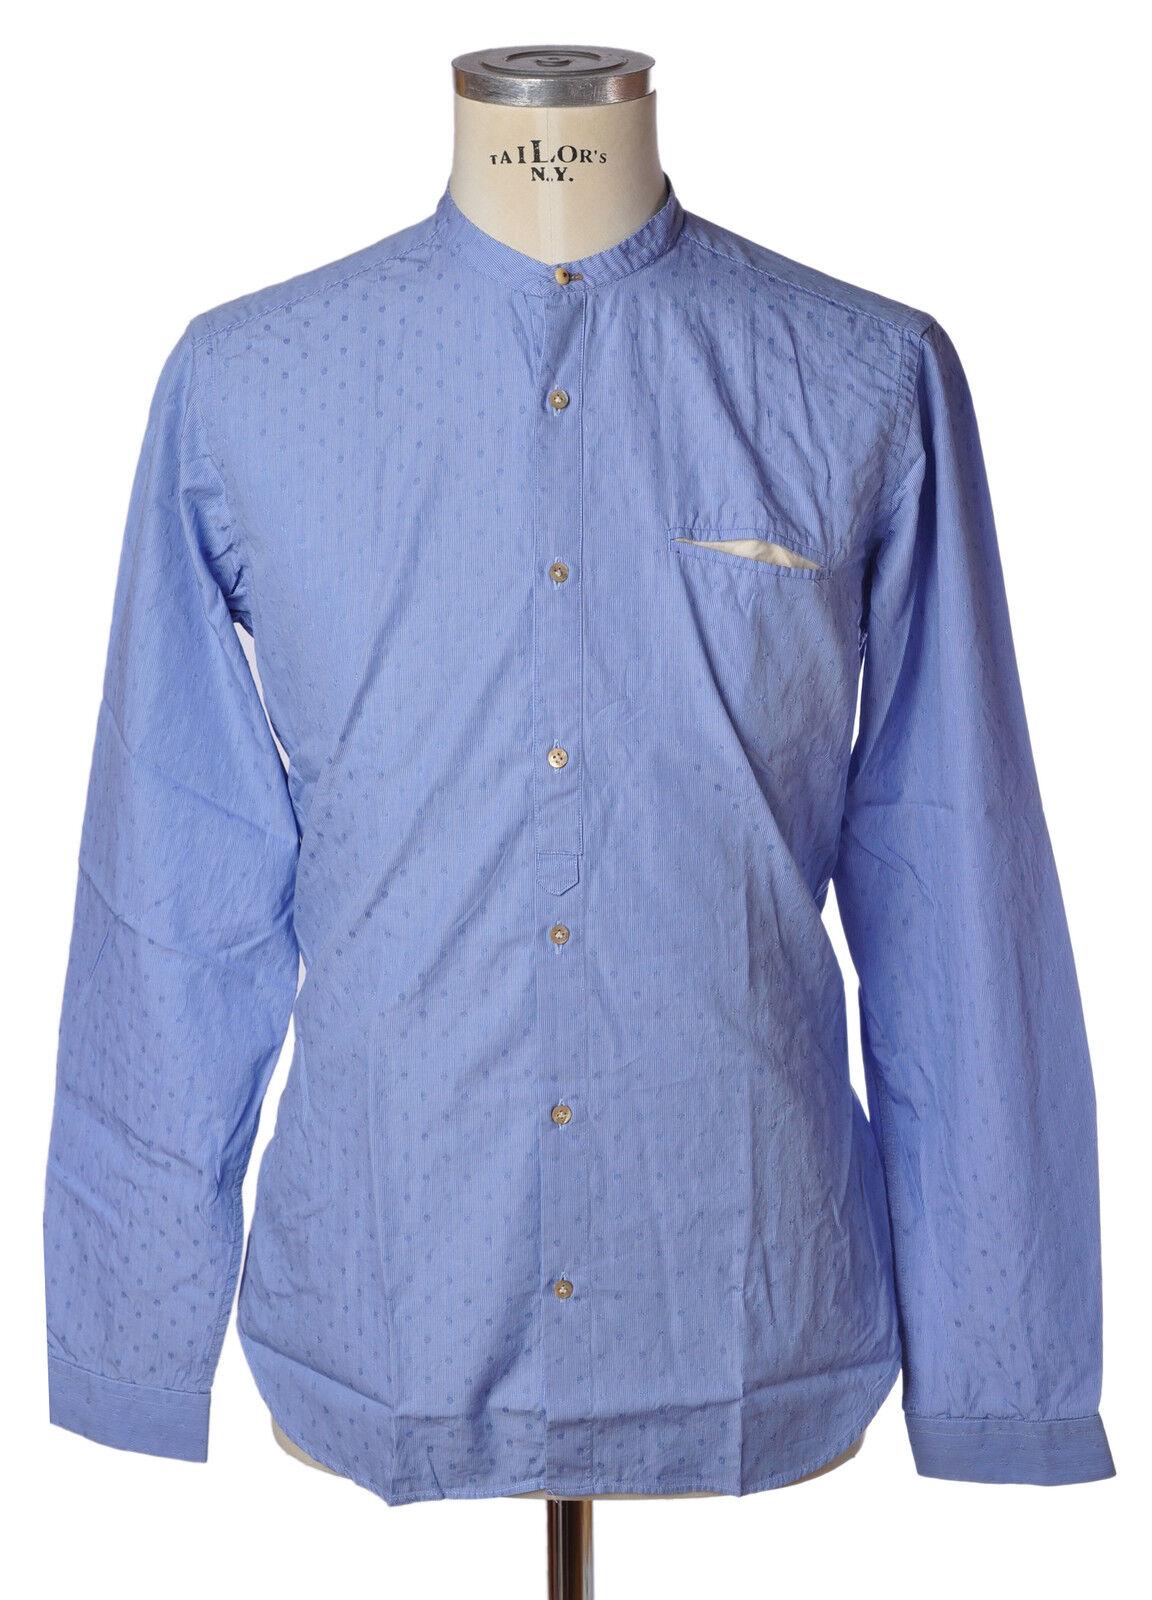 Dnl  -  Camisas - hombre - 245026A185049